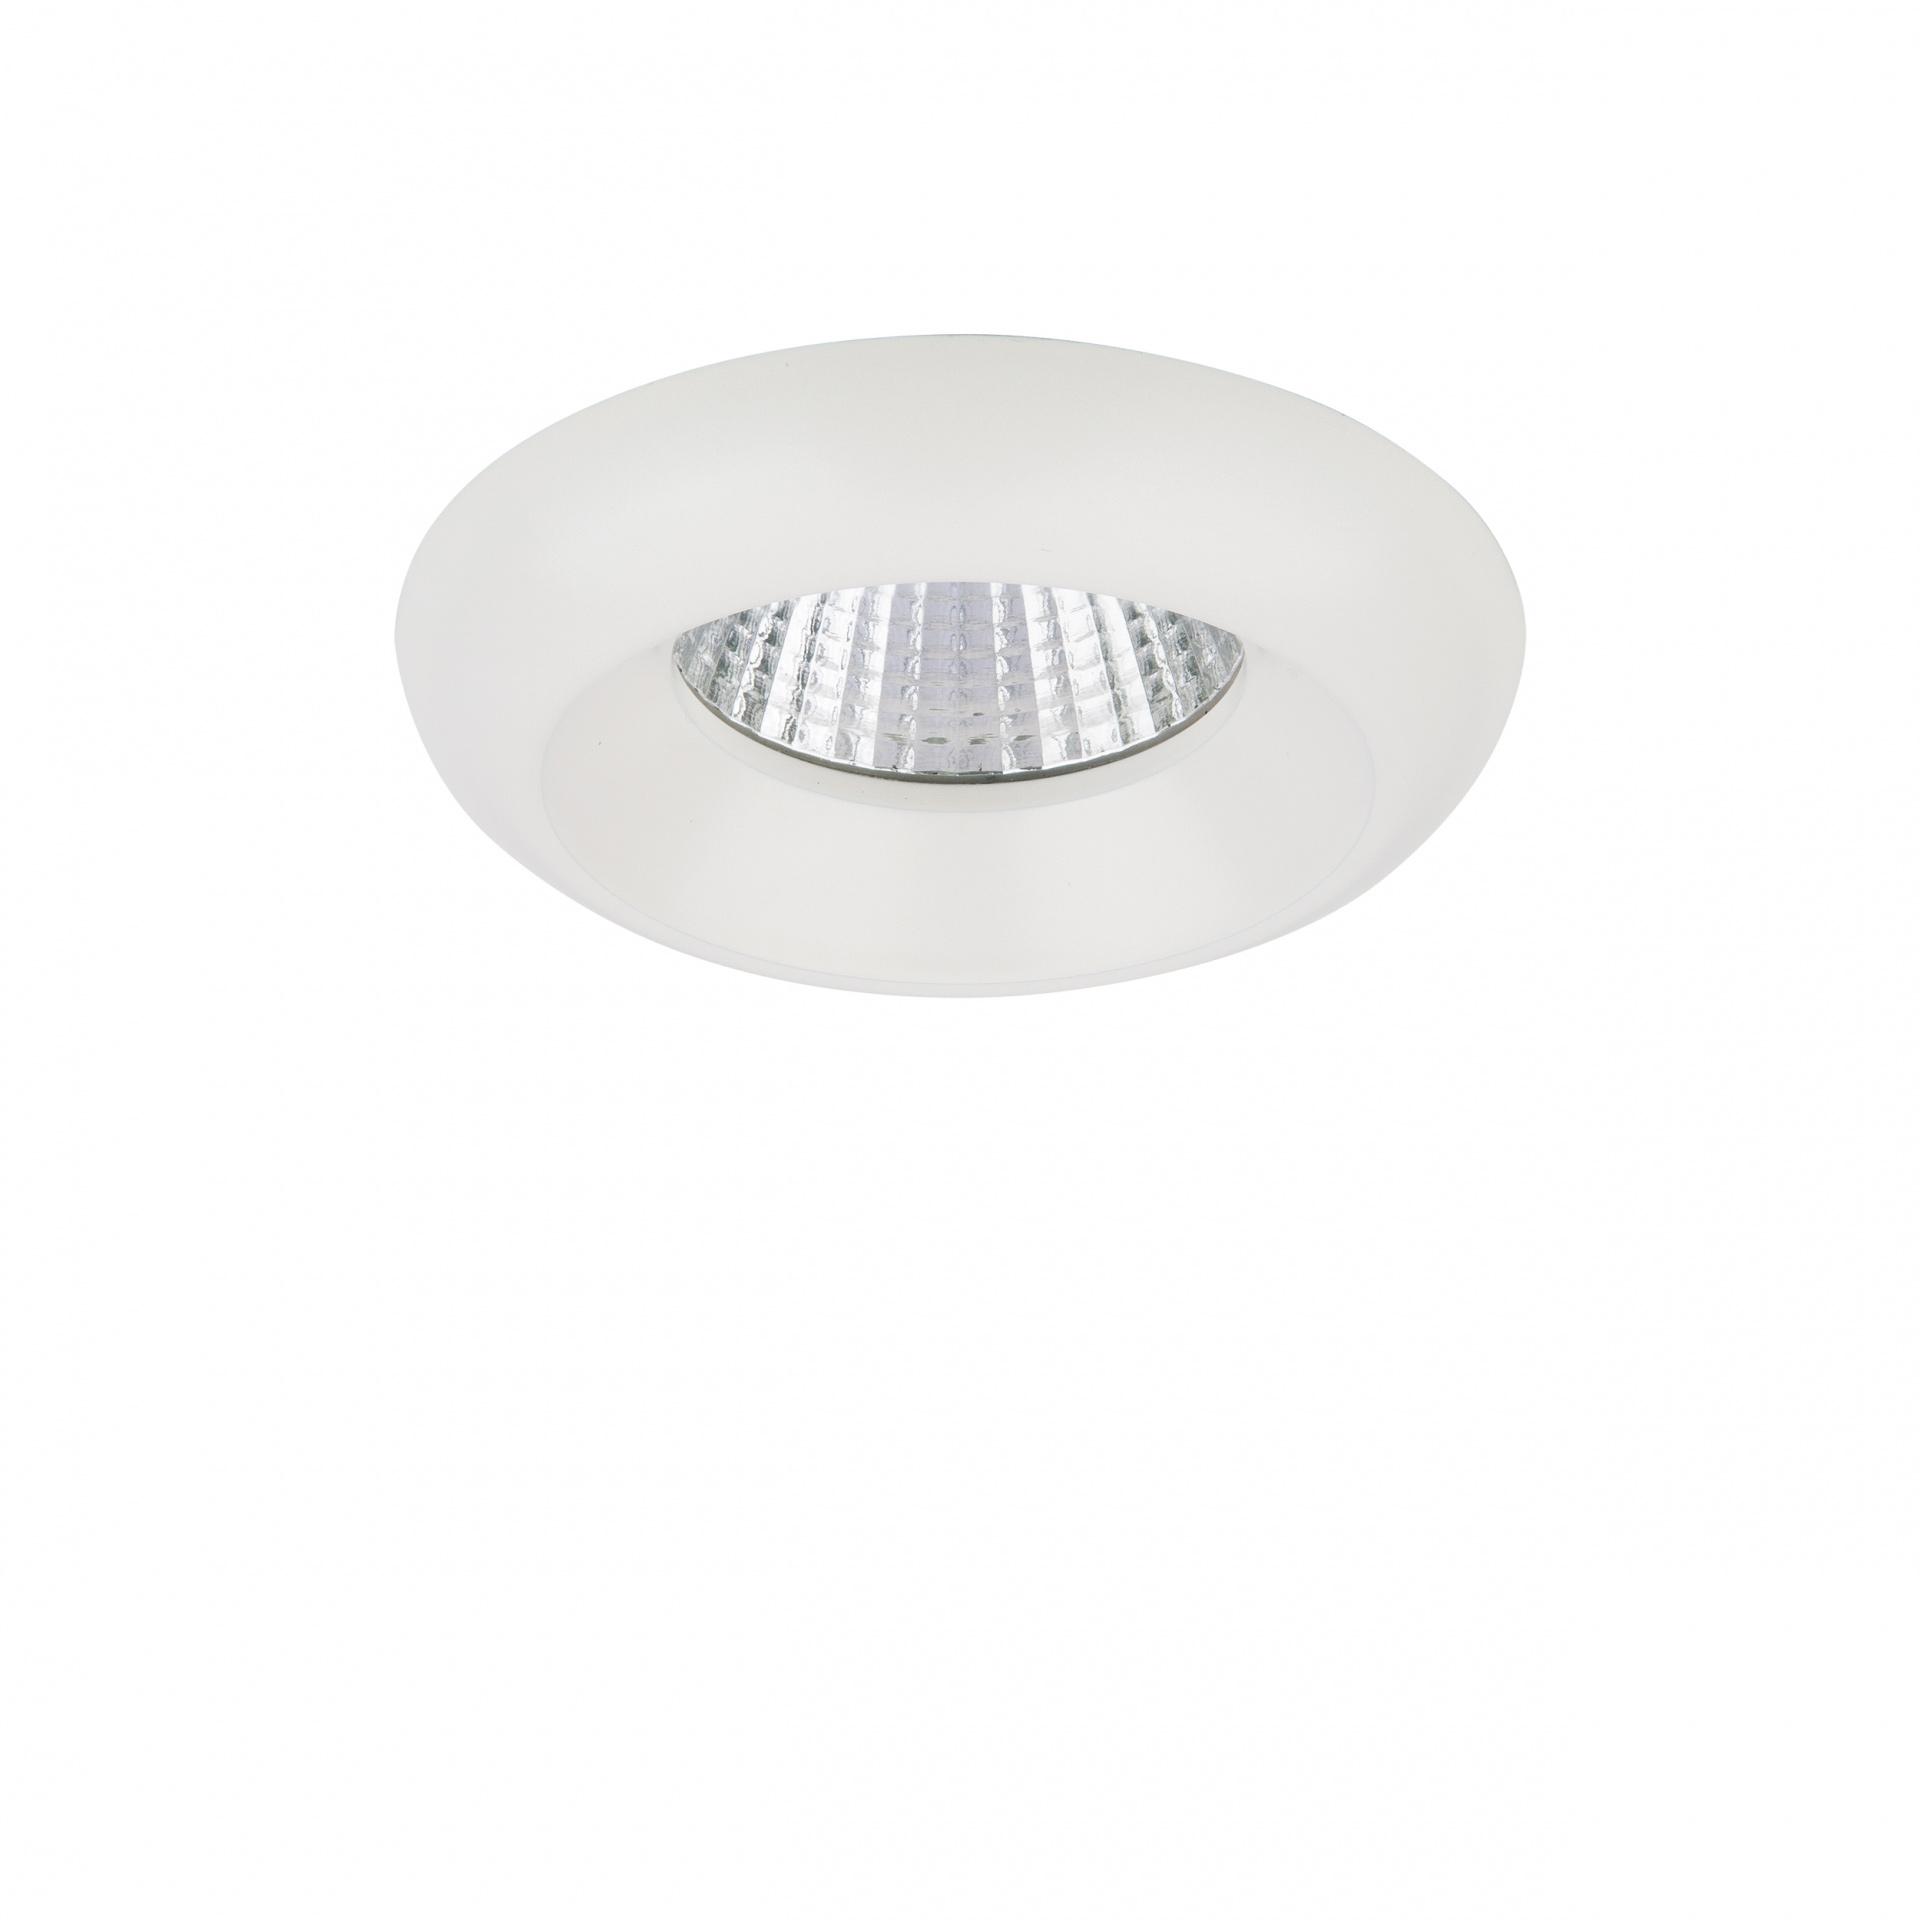 Светильник Monde LED 7W 560LM 50G белый 4000K Lightstar 071176, купить в СПб, Москве, с доставкой, Санкт-Петербург, интернет-магазин люстр и светильников Starlight, фото в жизни